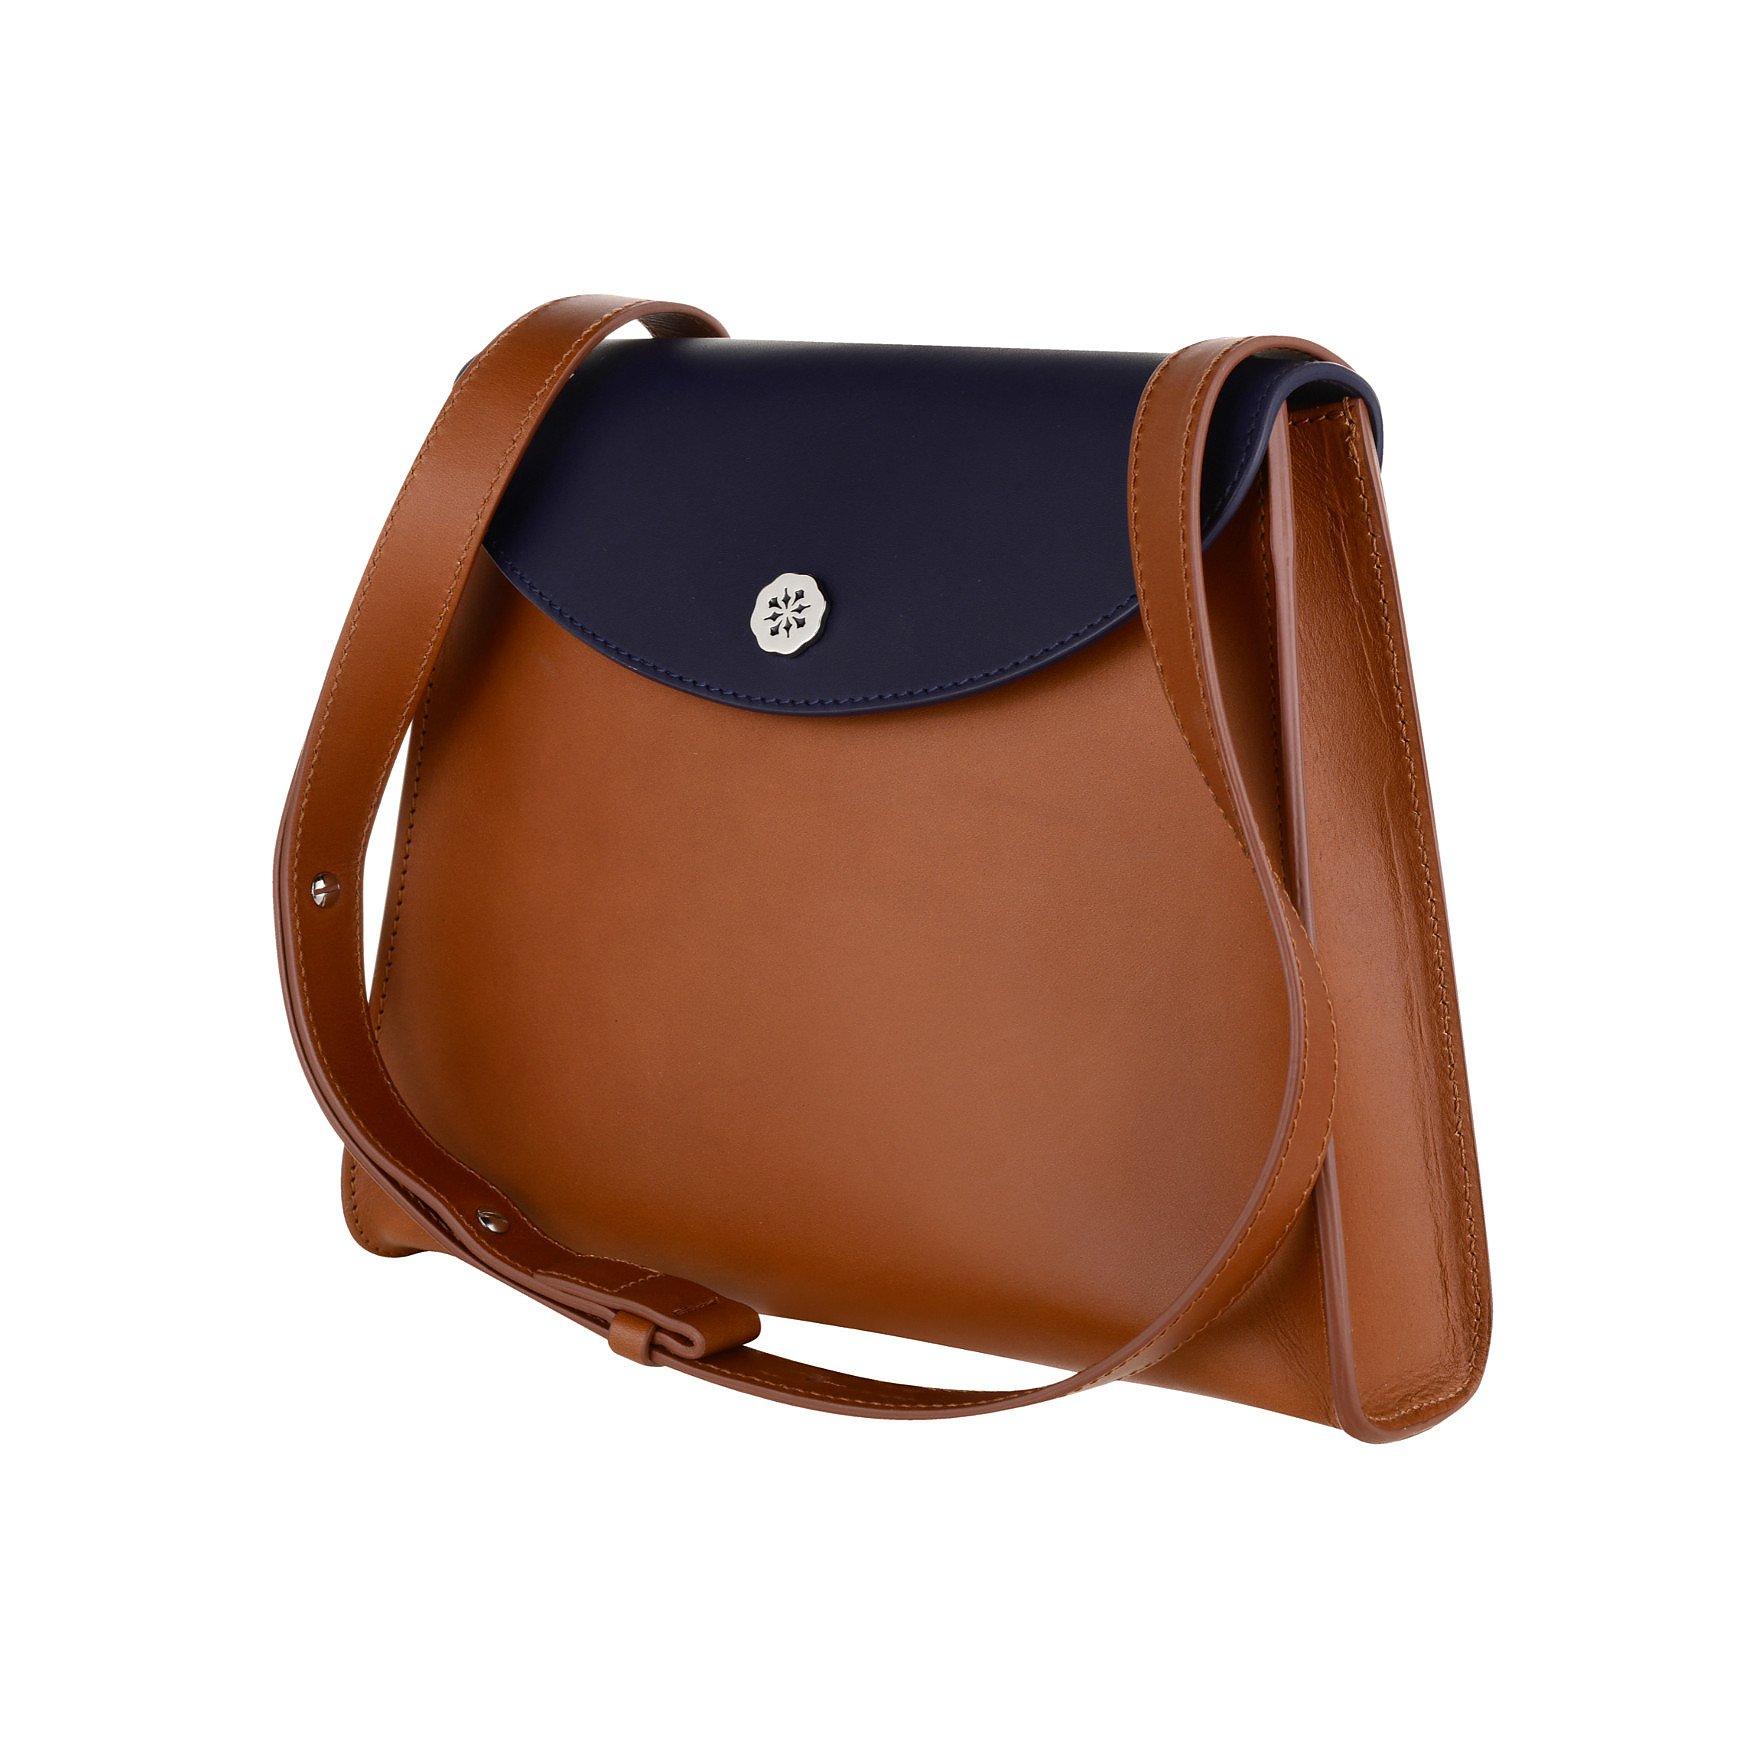 C.Nicol Annie Bag